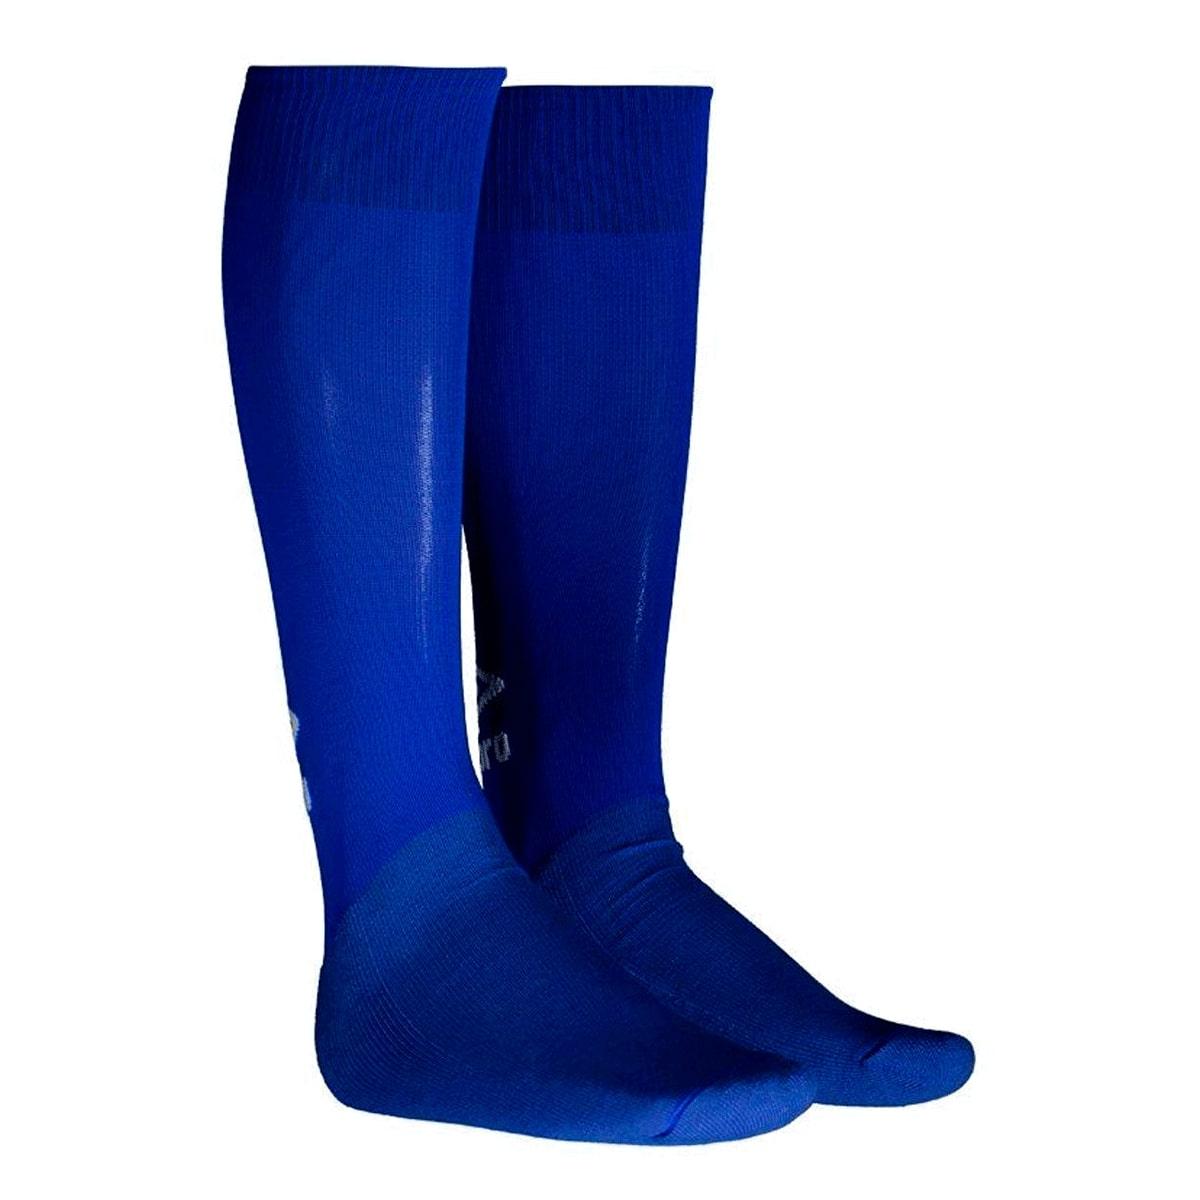 Meião Umbro Twr Prime Masculino Azul